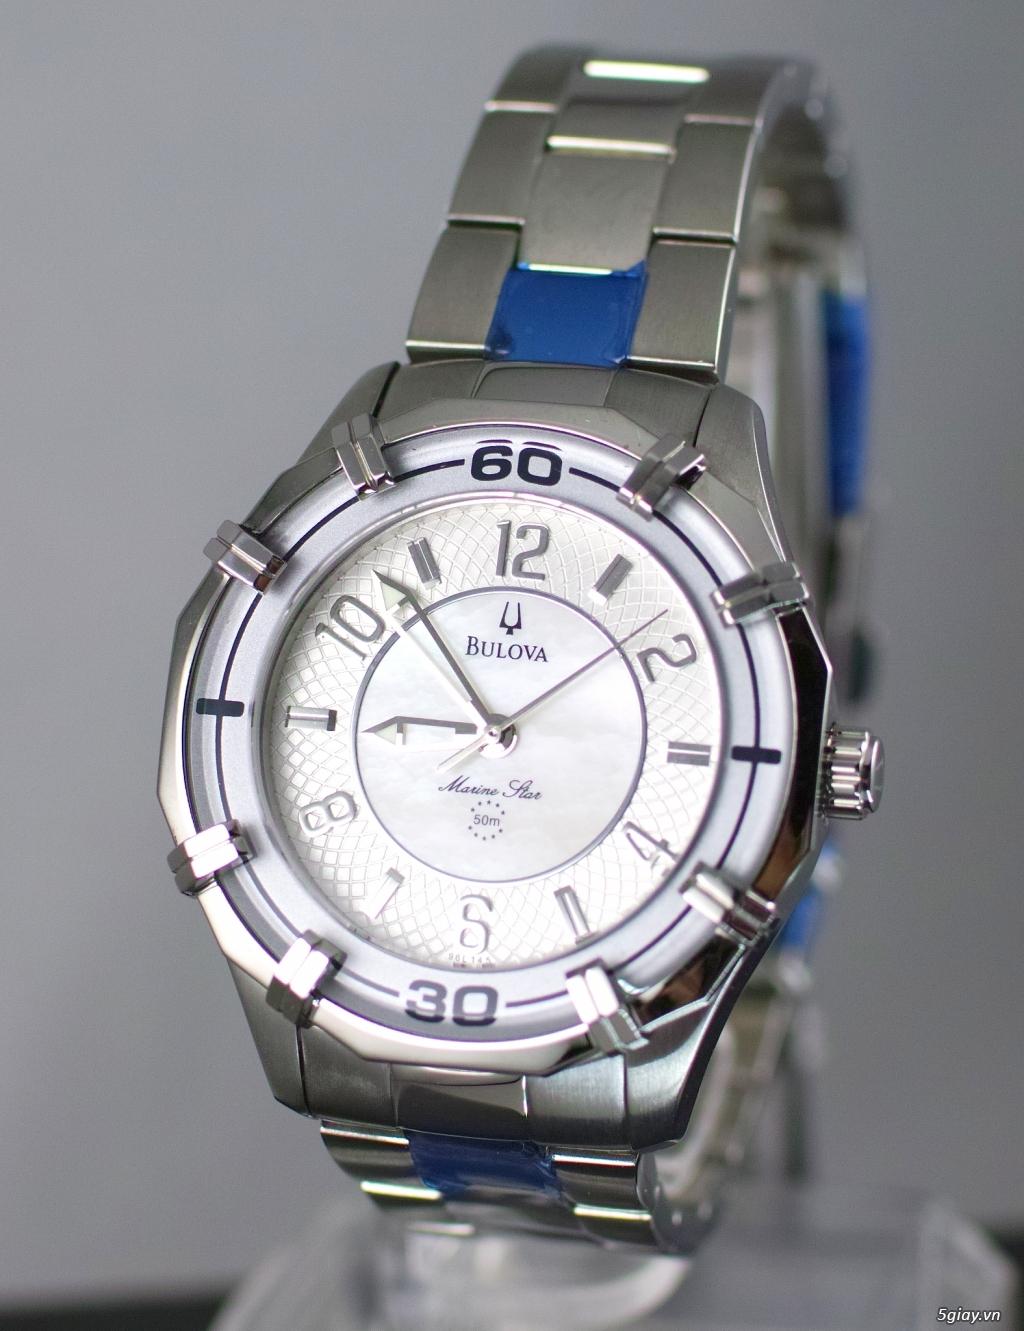 Đồng hồ nữ xách tay chính hãng Seiko,Bulova,Hamilton,MontBlanc,MK,..